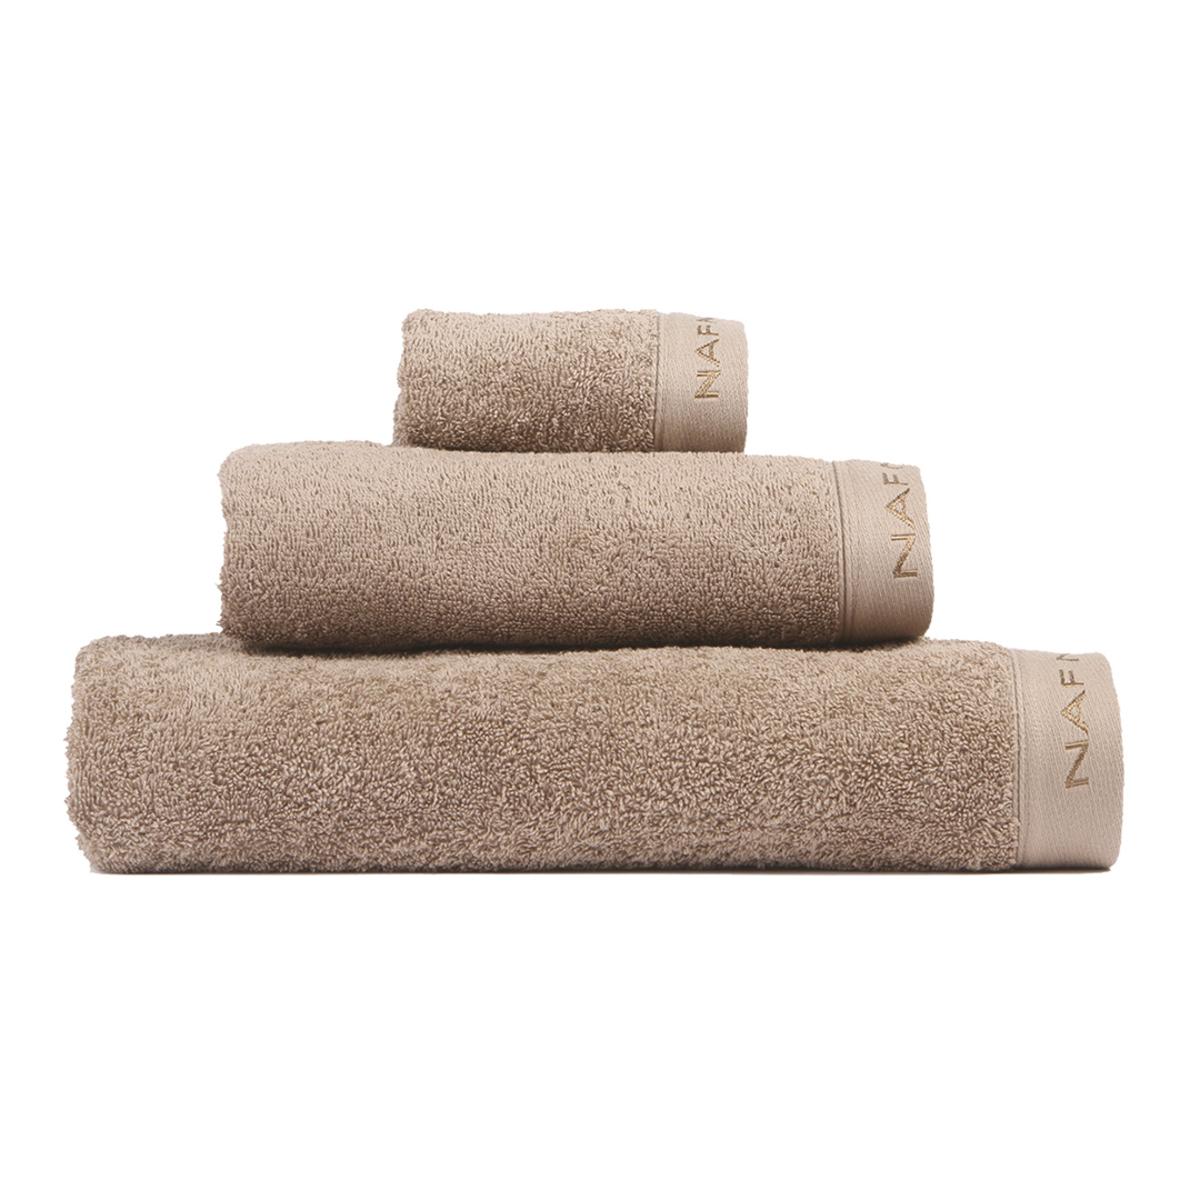 CASUAL - Set de bain trois pièces marron